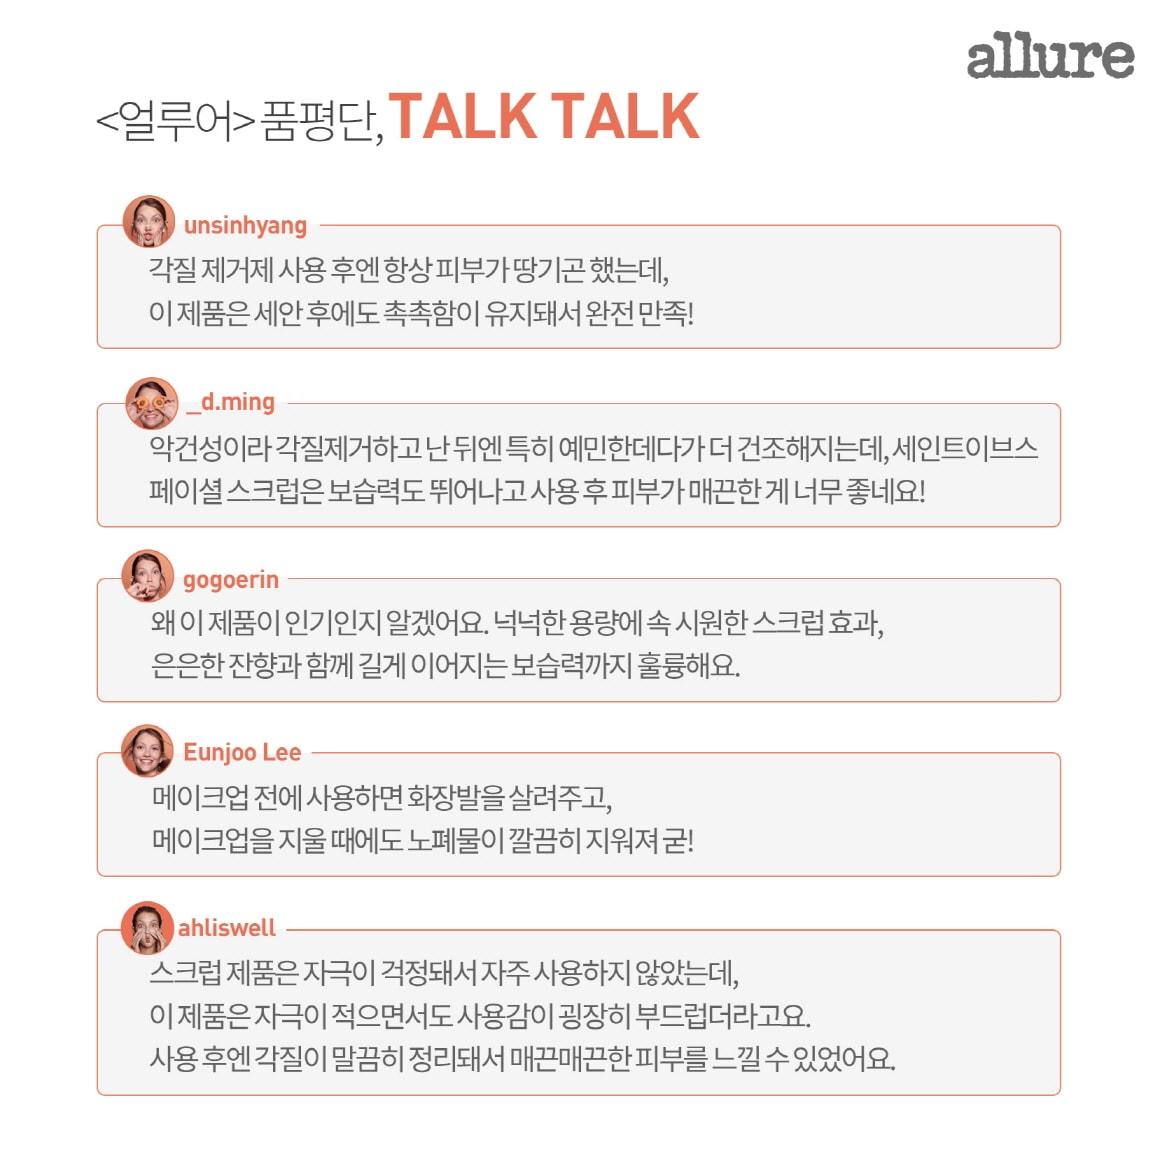 [세인트이브스] 스크럽 2종 얼루어 품평단 카드뉴스_5